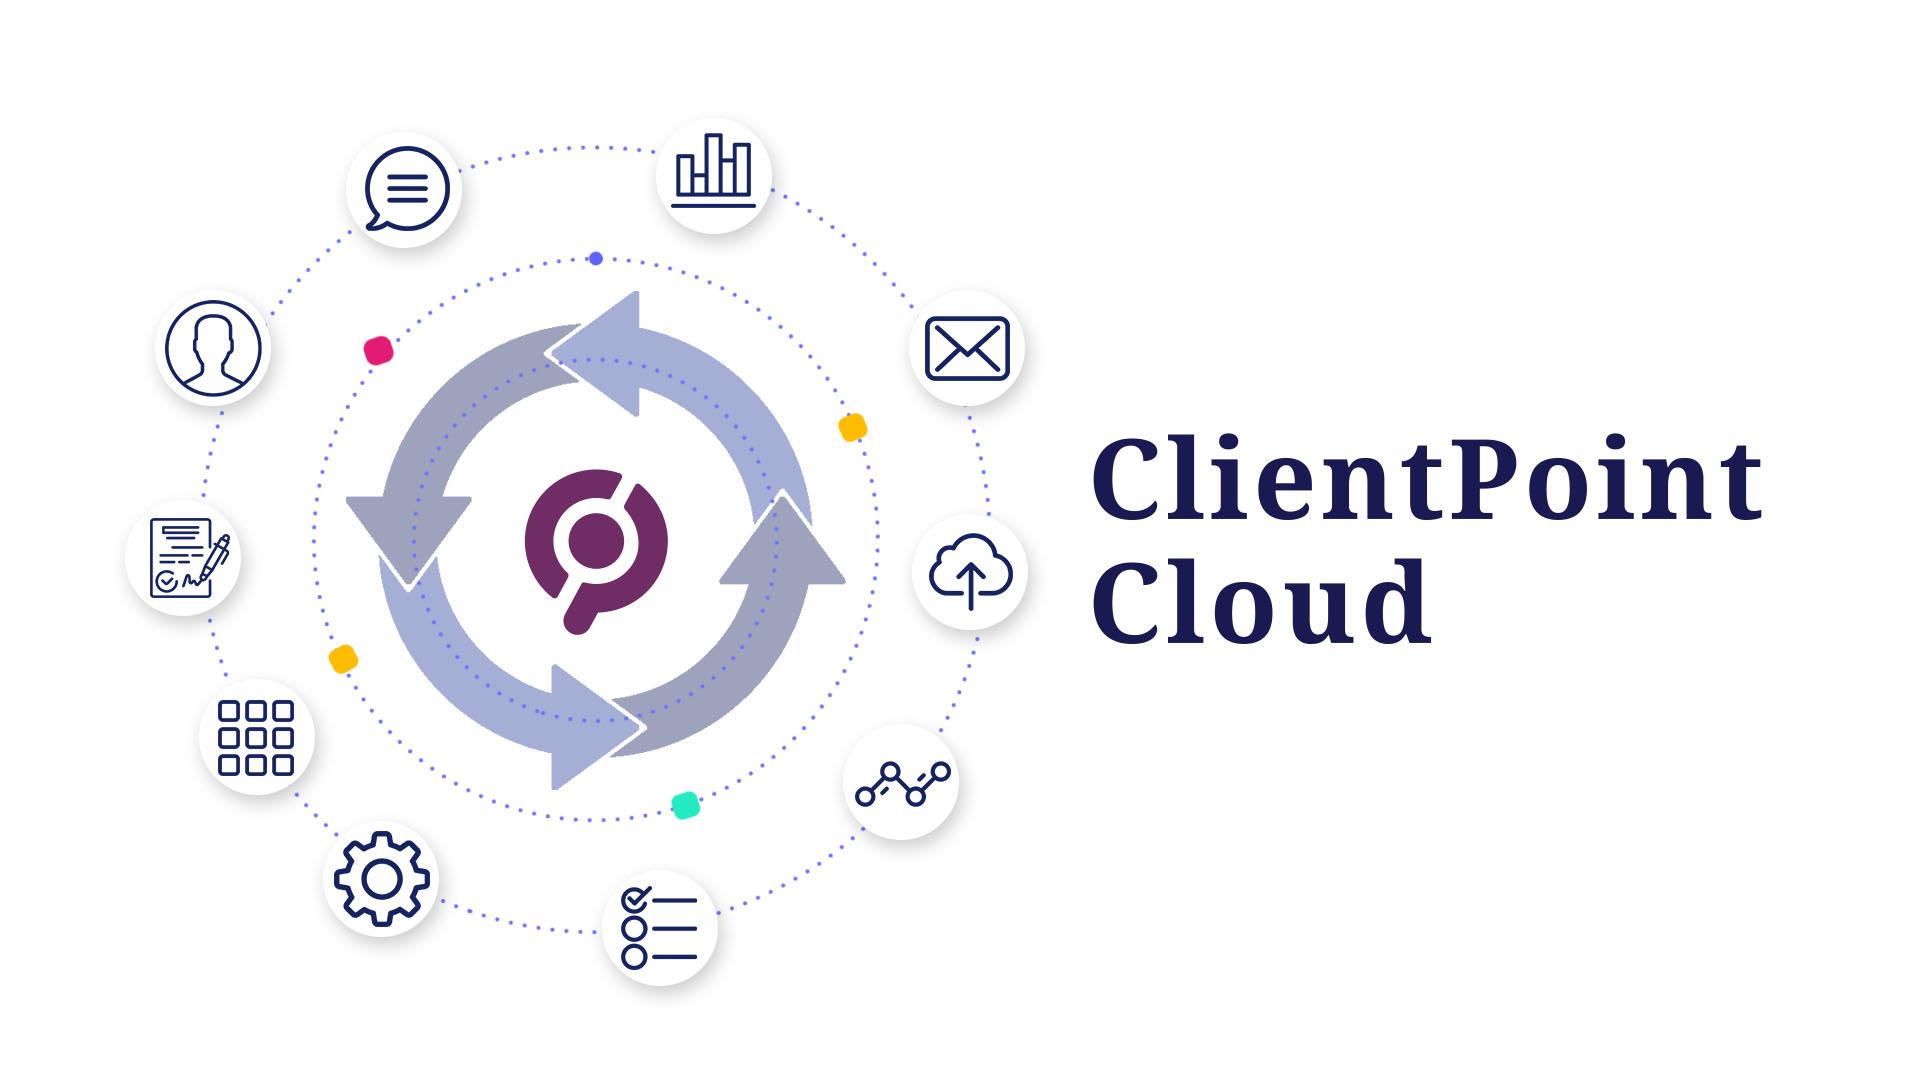 https://f.hubspotusercontent20.net/hubfs/5348071/ClientPoint%20Cloud.jpg